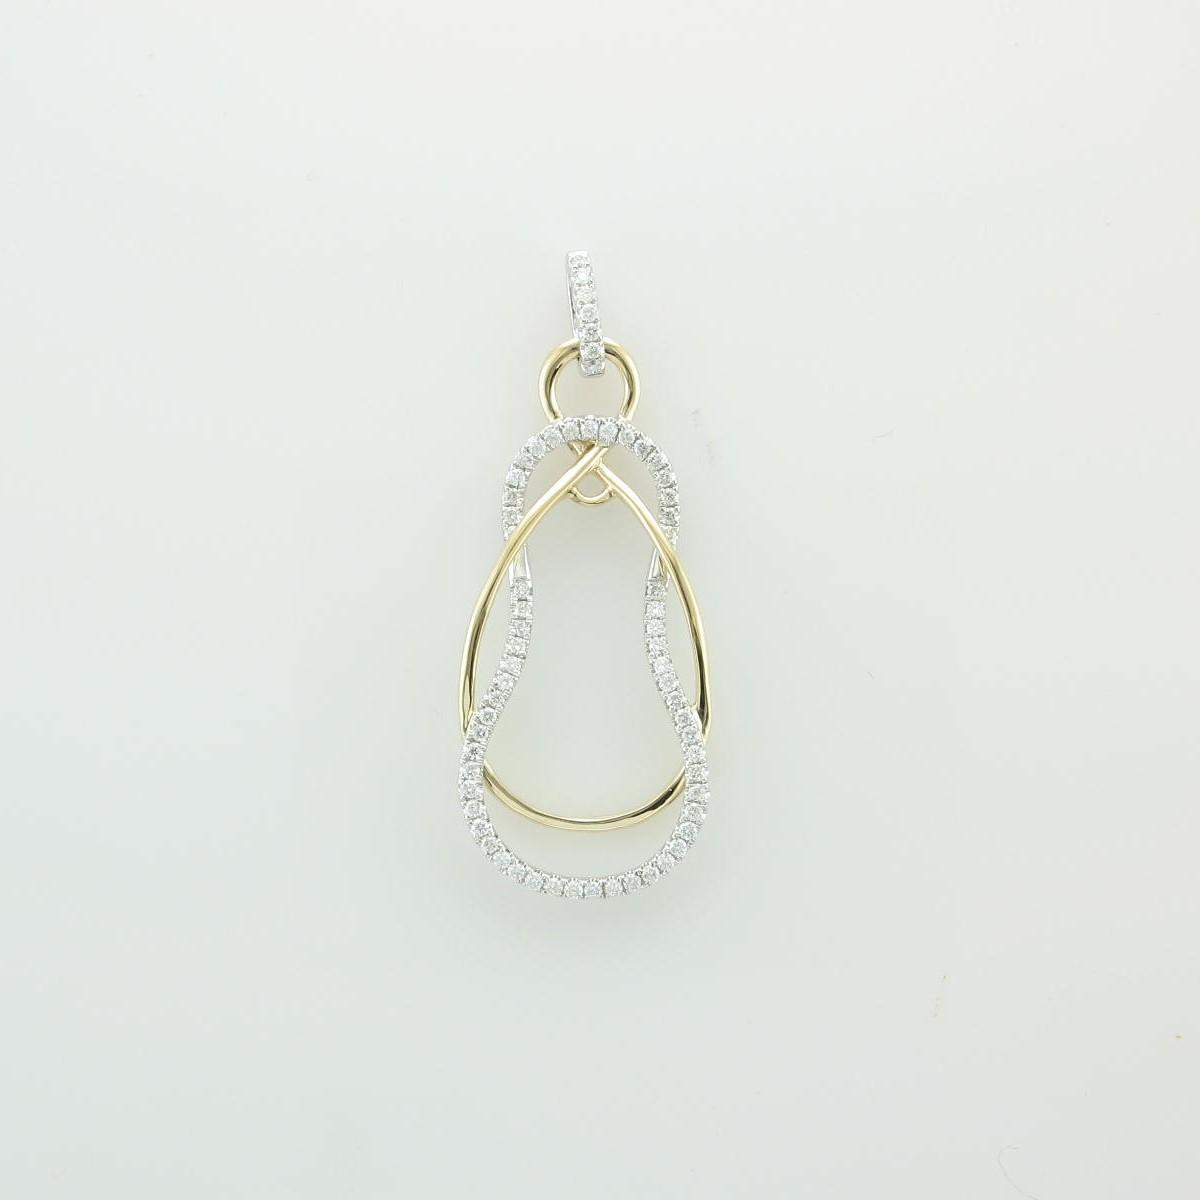 0.34tcw Two Tone Diamond Pendant in 14k Yellow & White Gold